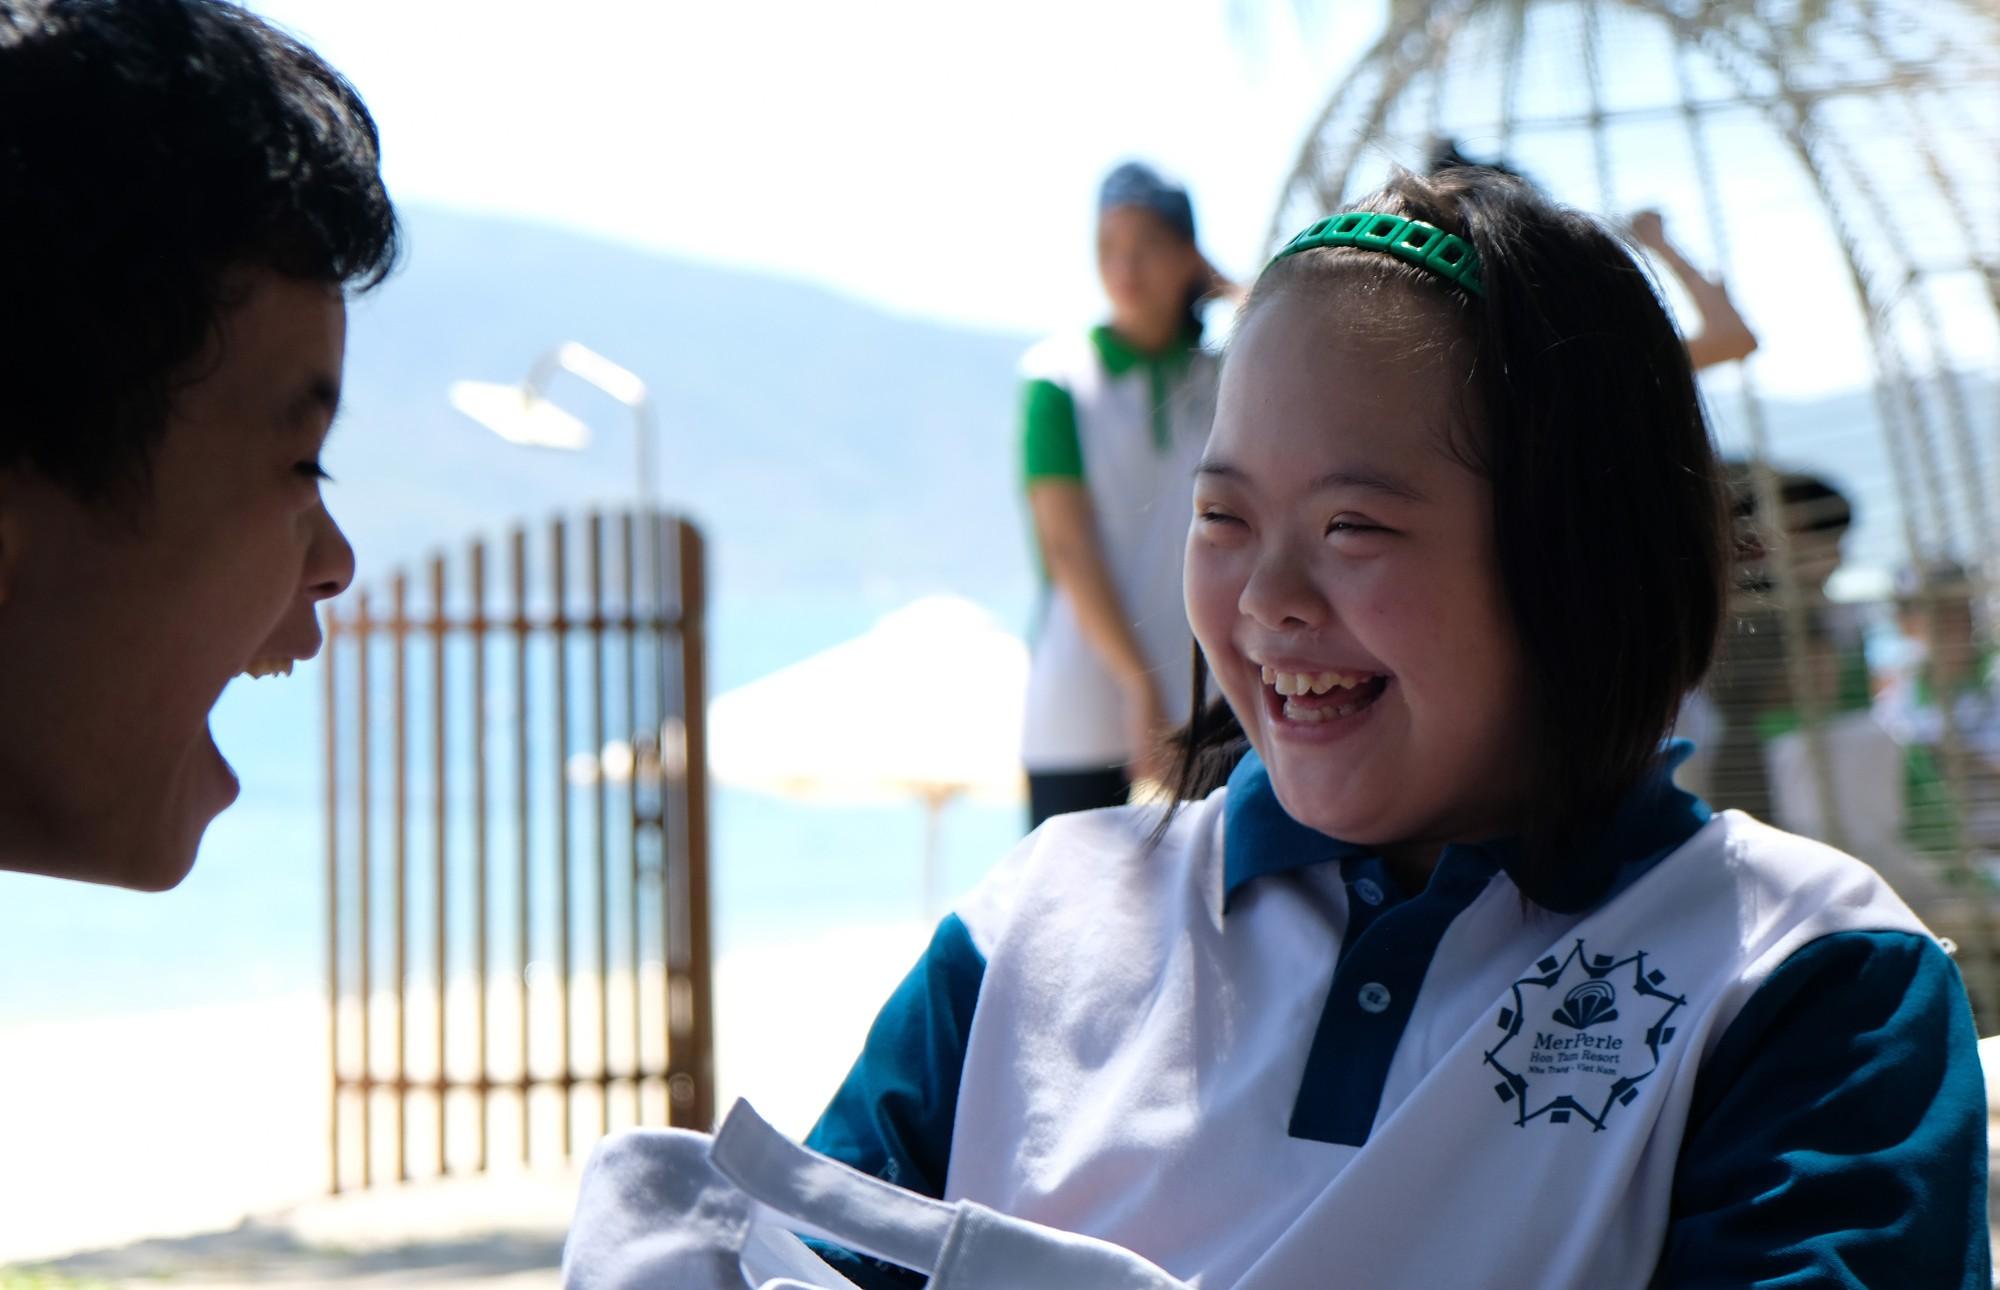 Gần 600 thiếu nhi vui chơi hết mình trong ngày Hội trẻ em khuyết tật lần tại Nha Trang - Ảnh 3.